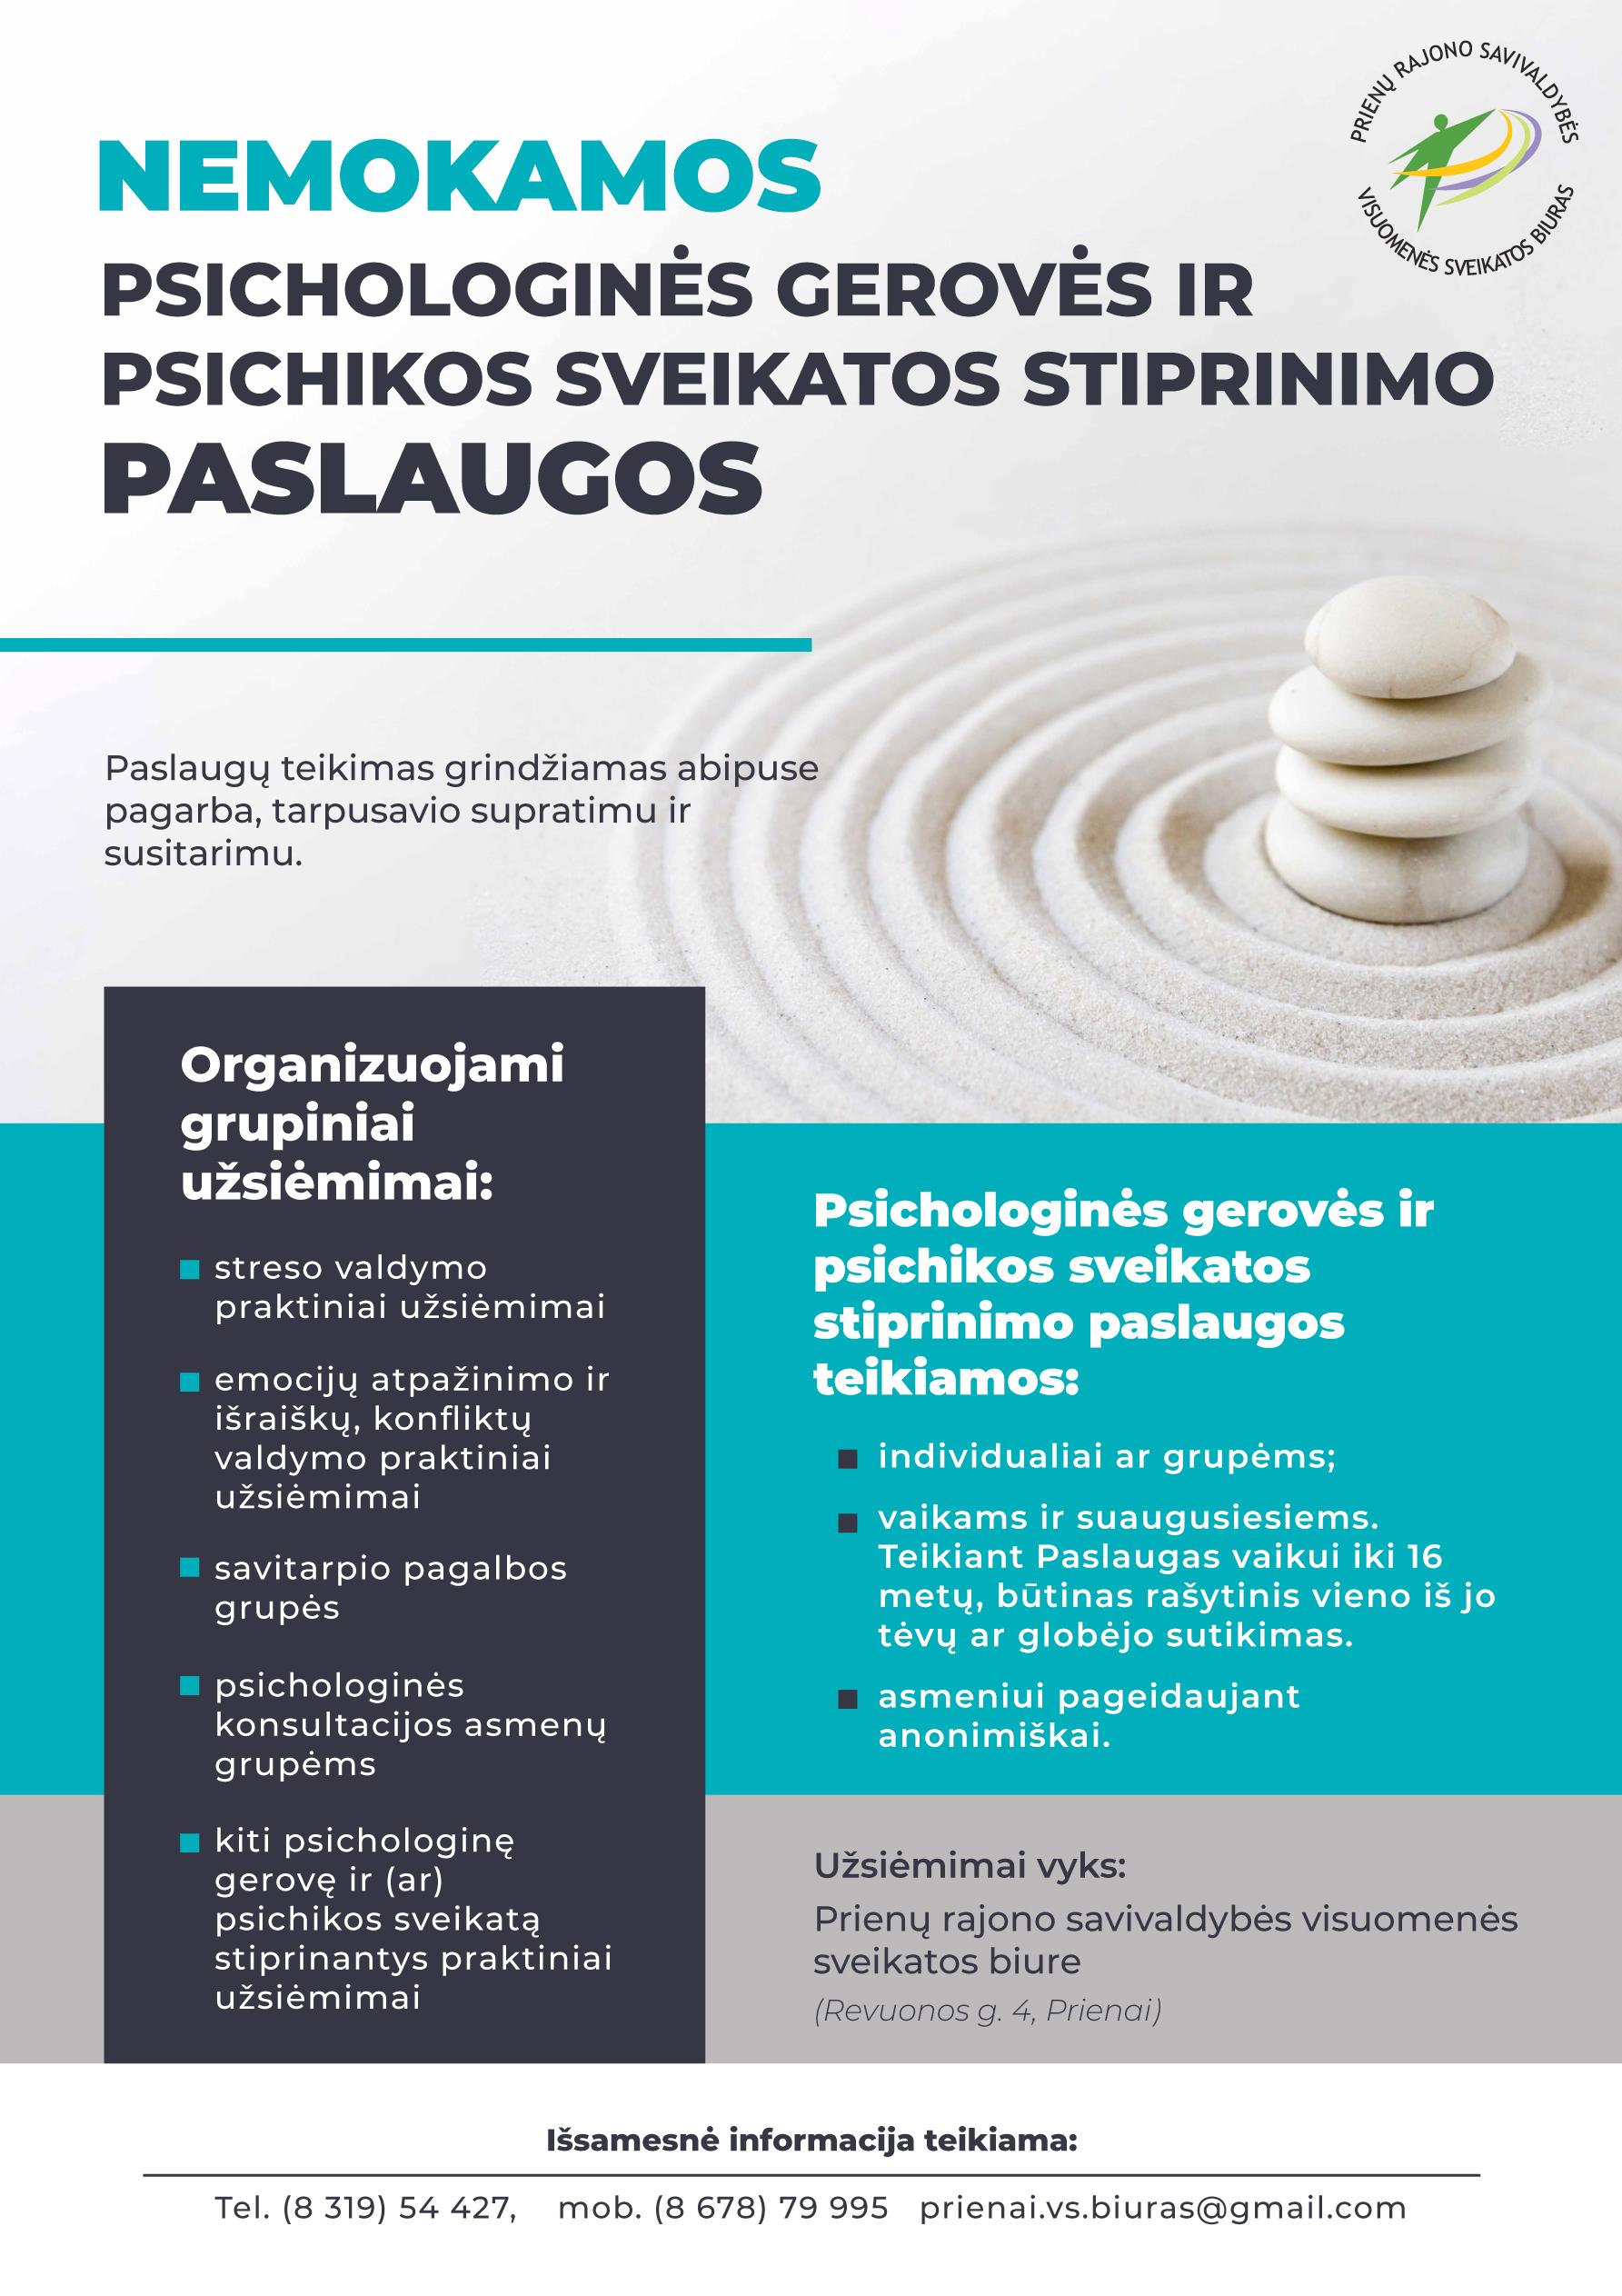 Nemokamos psichologinės gerovės ir psichikos sveikatos stiprinimo paslaugos